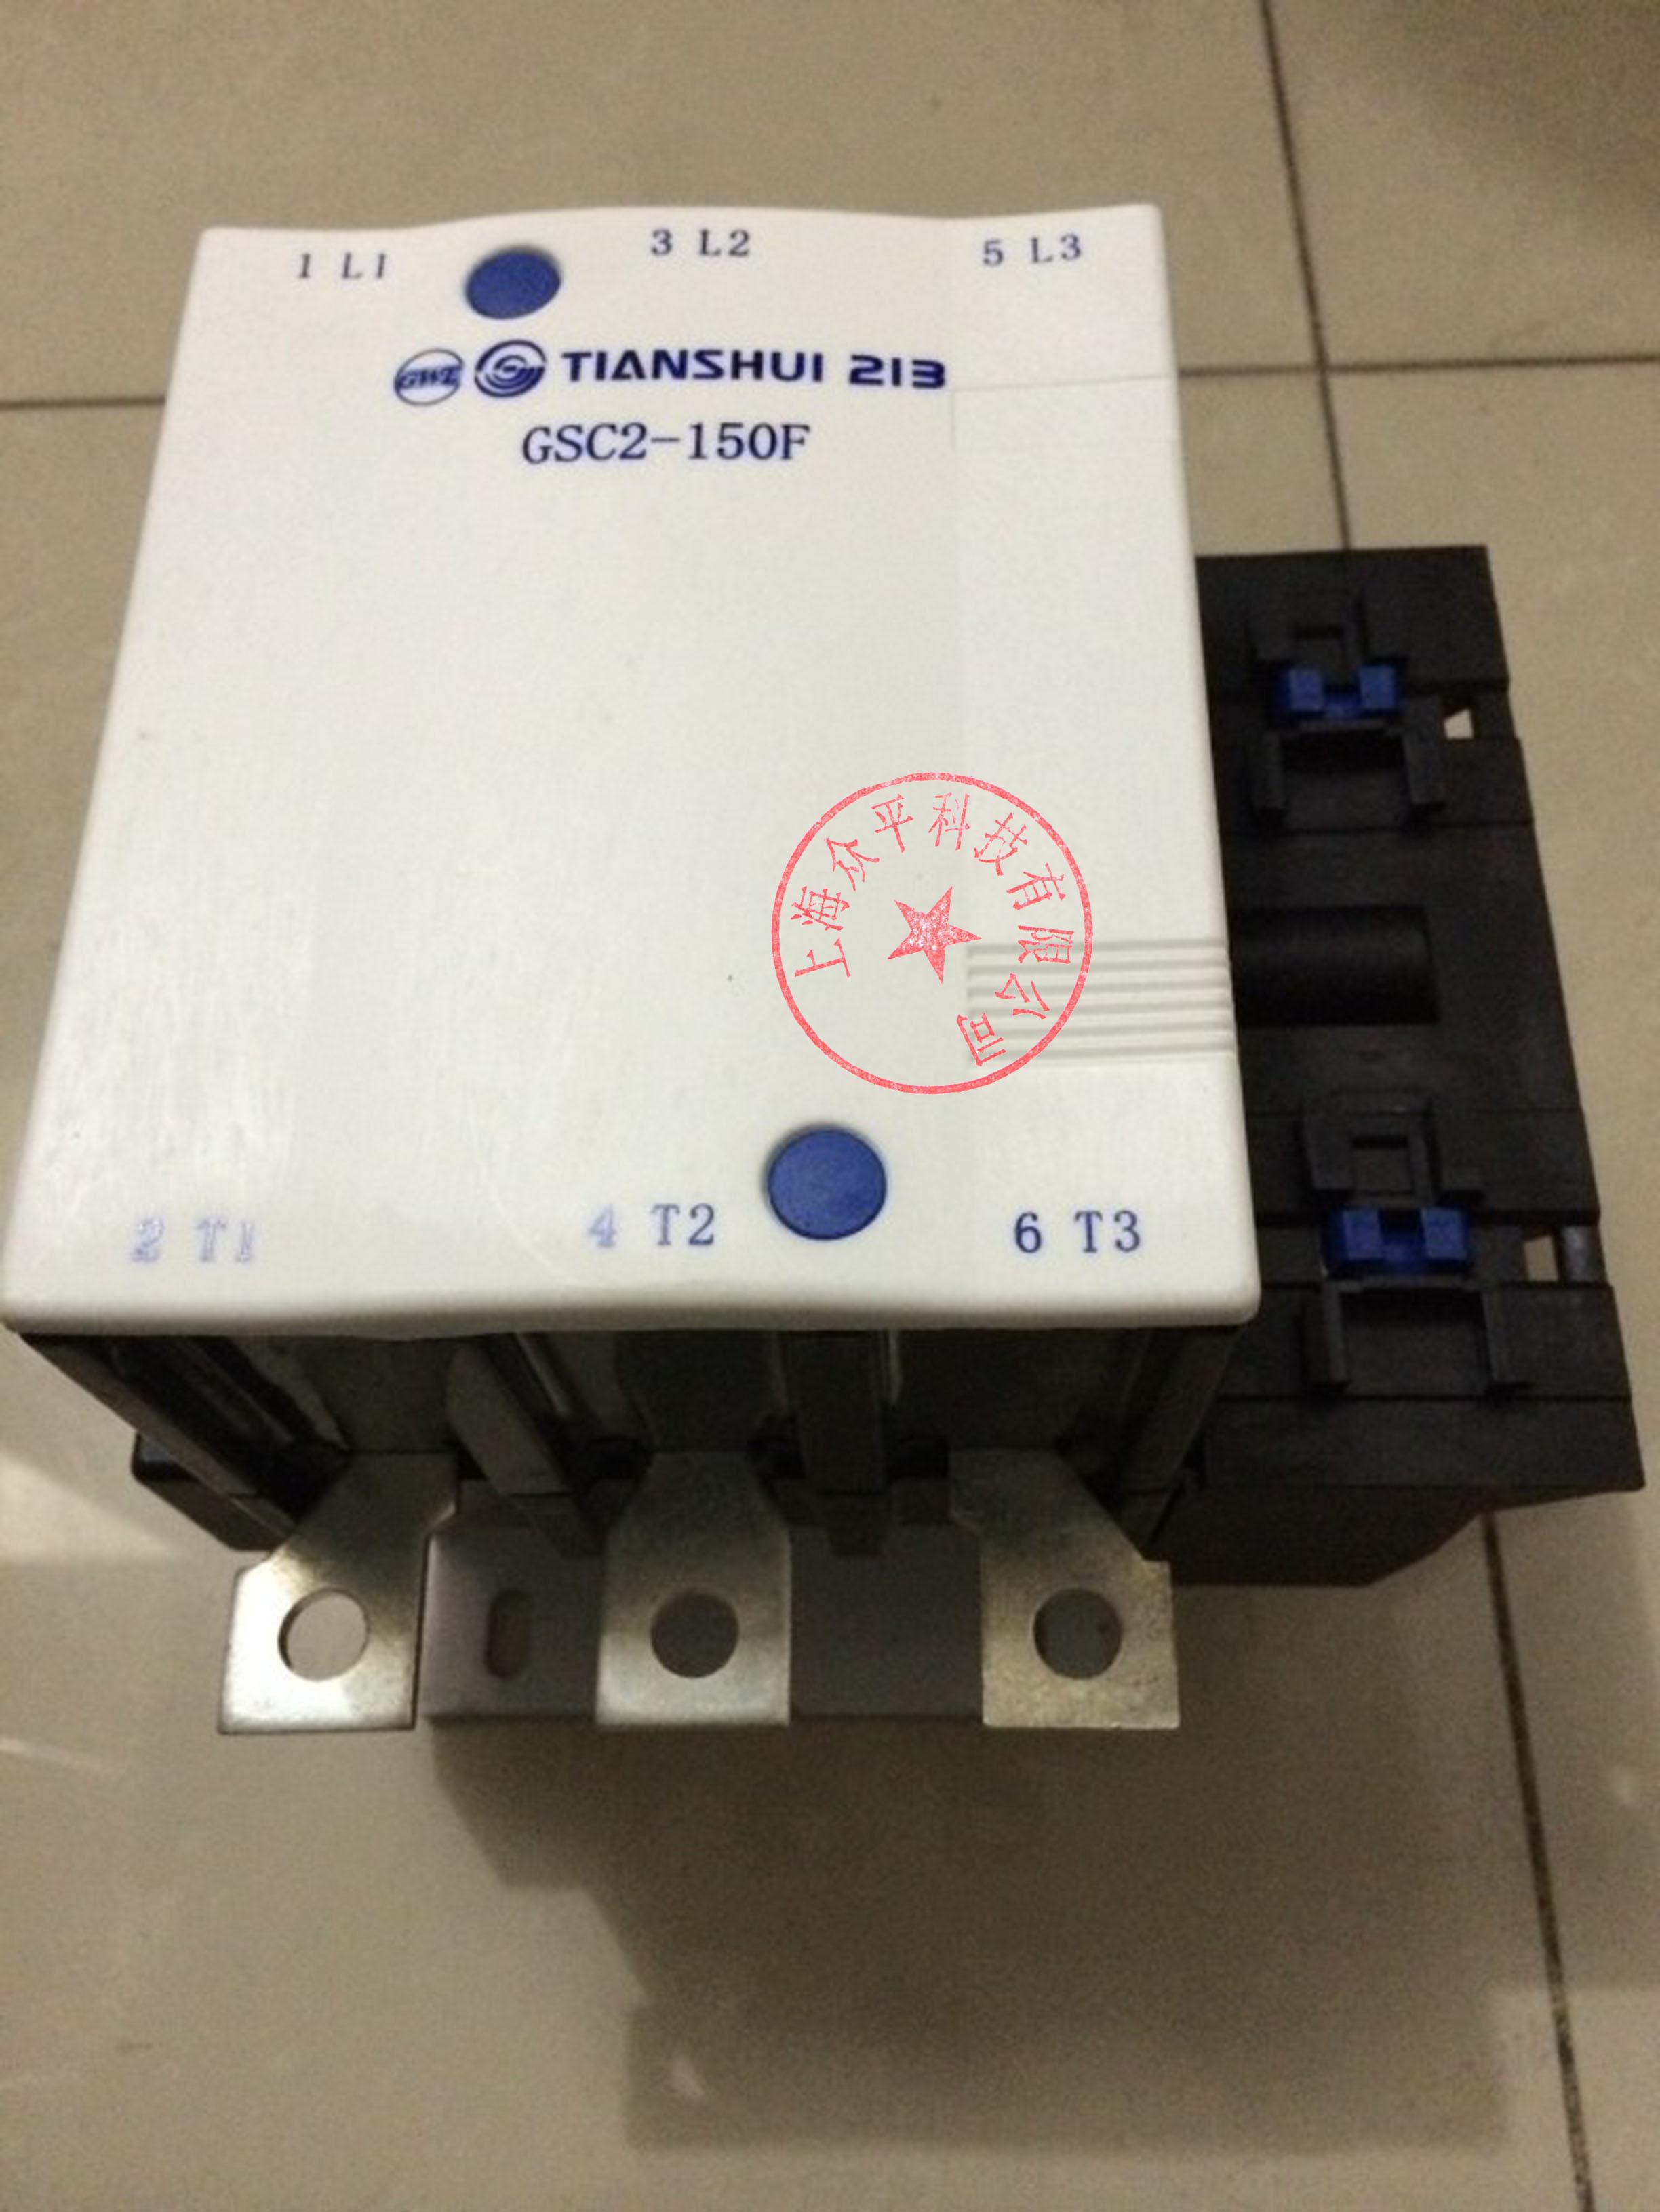 天水二一三 交流接触器  GSC2-150F 150A 销售